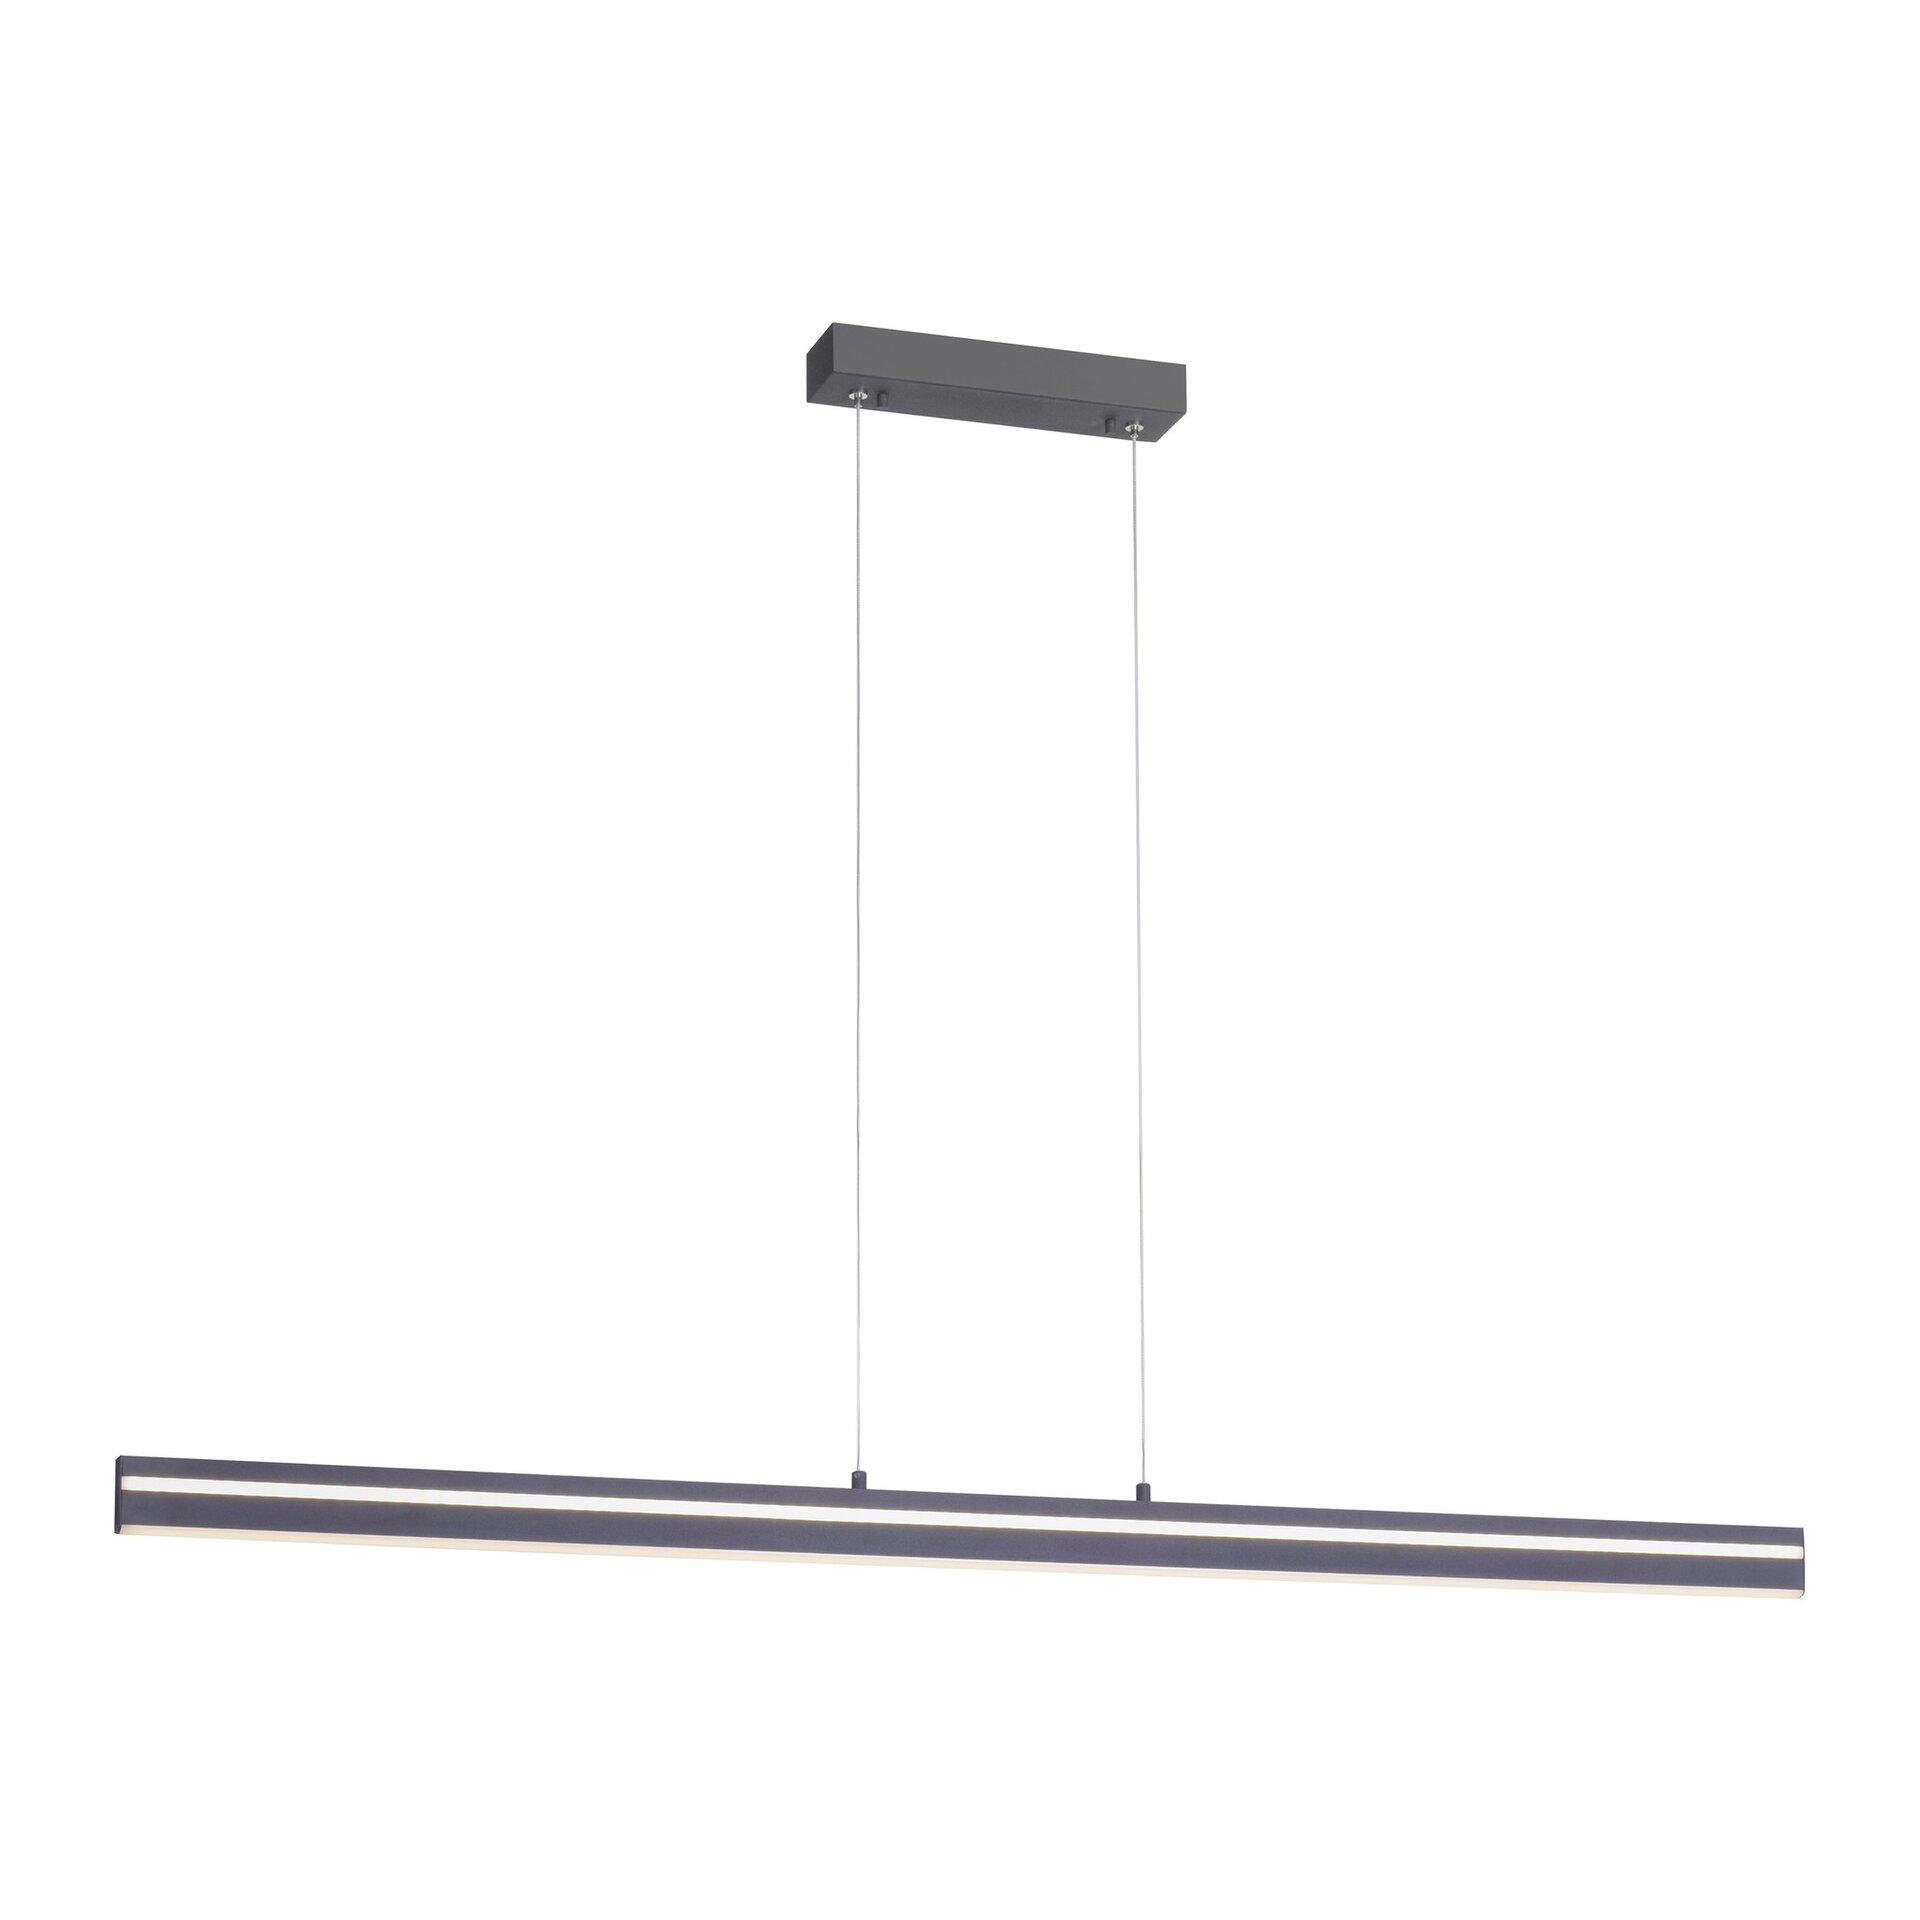 Smart-Home-Leuchten Q-VITO Paul Neuhaus Metall grau 7 x 120 x 130 cm